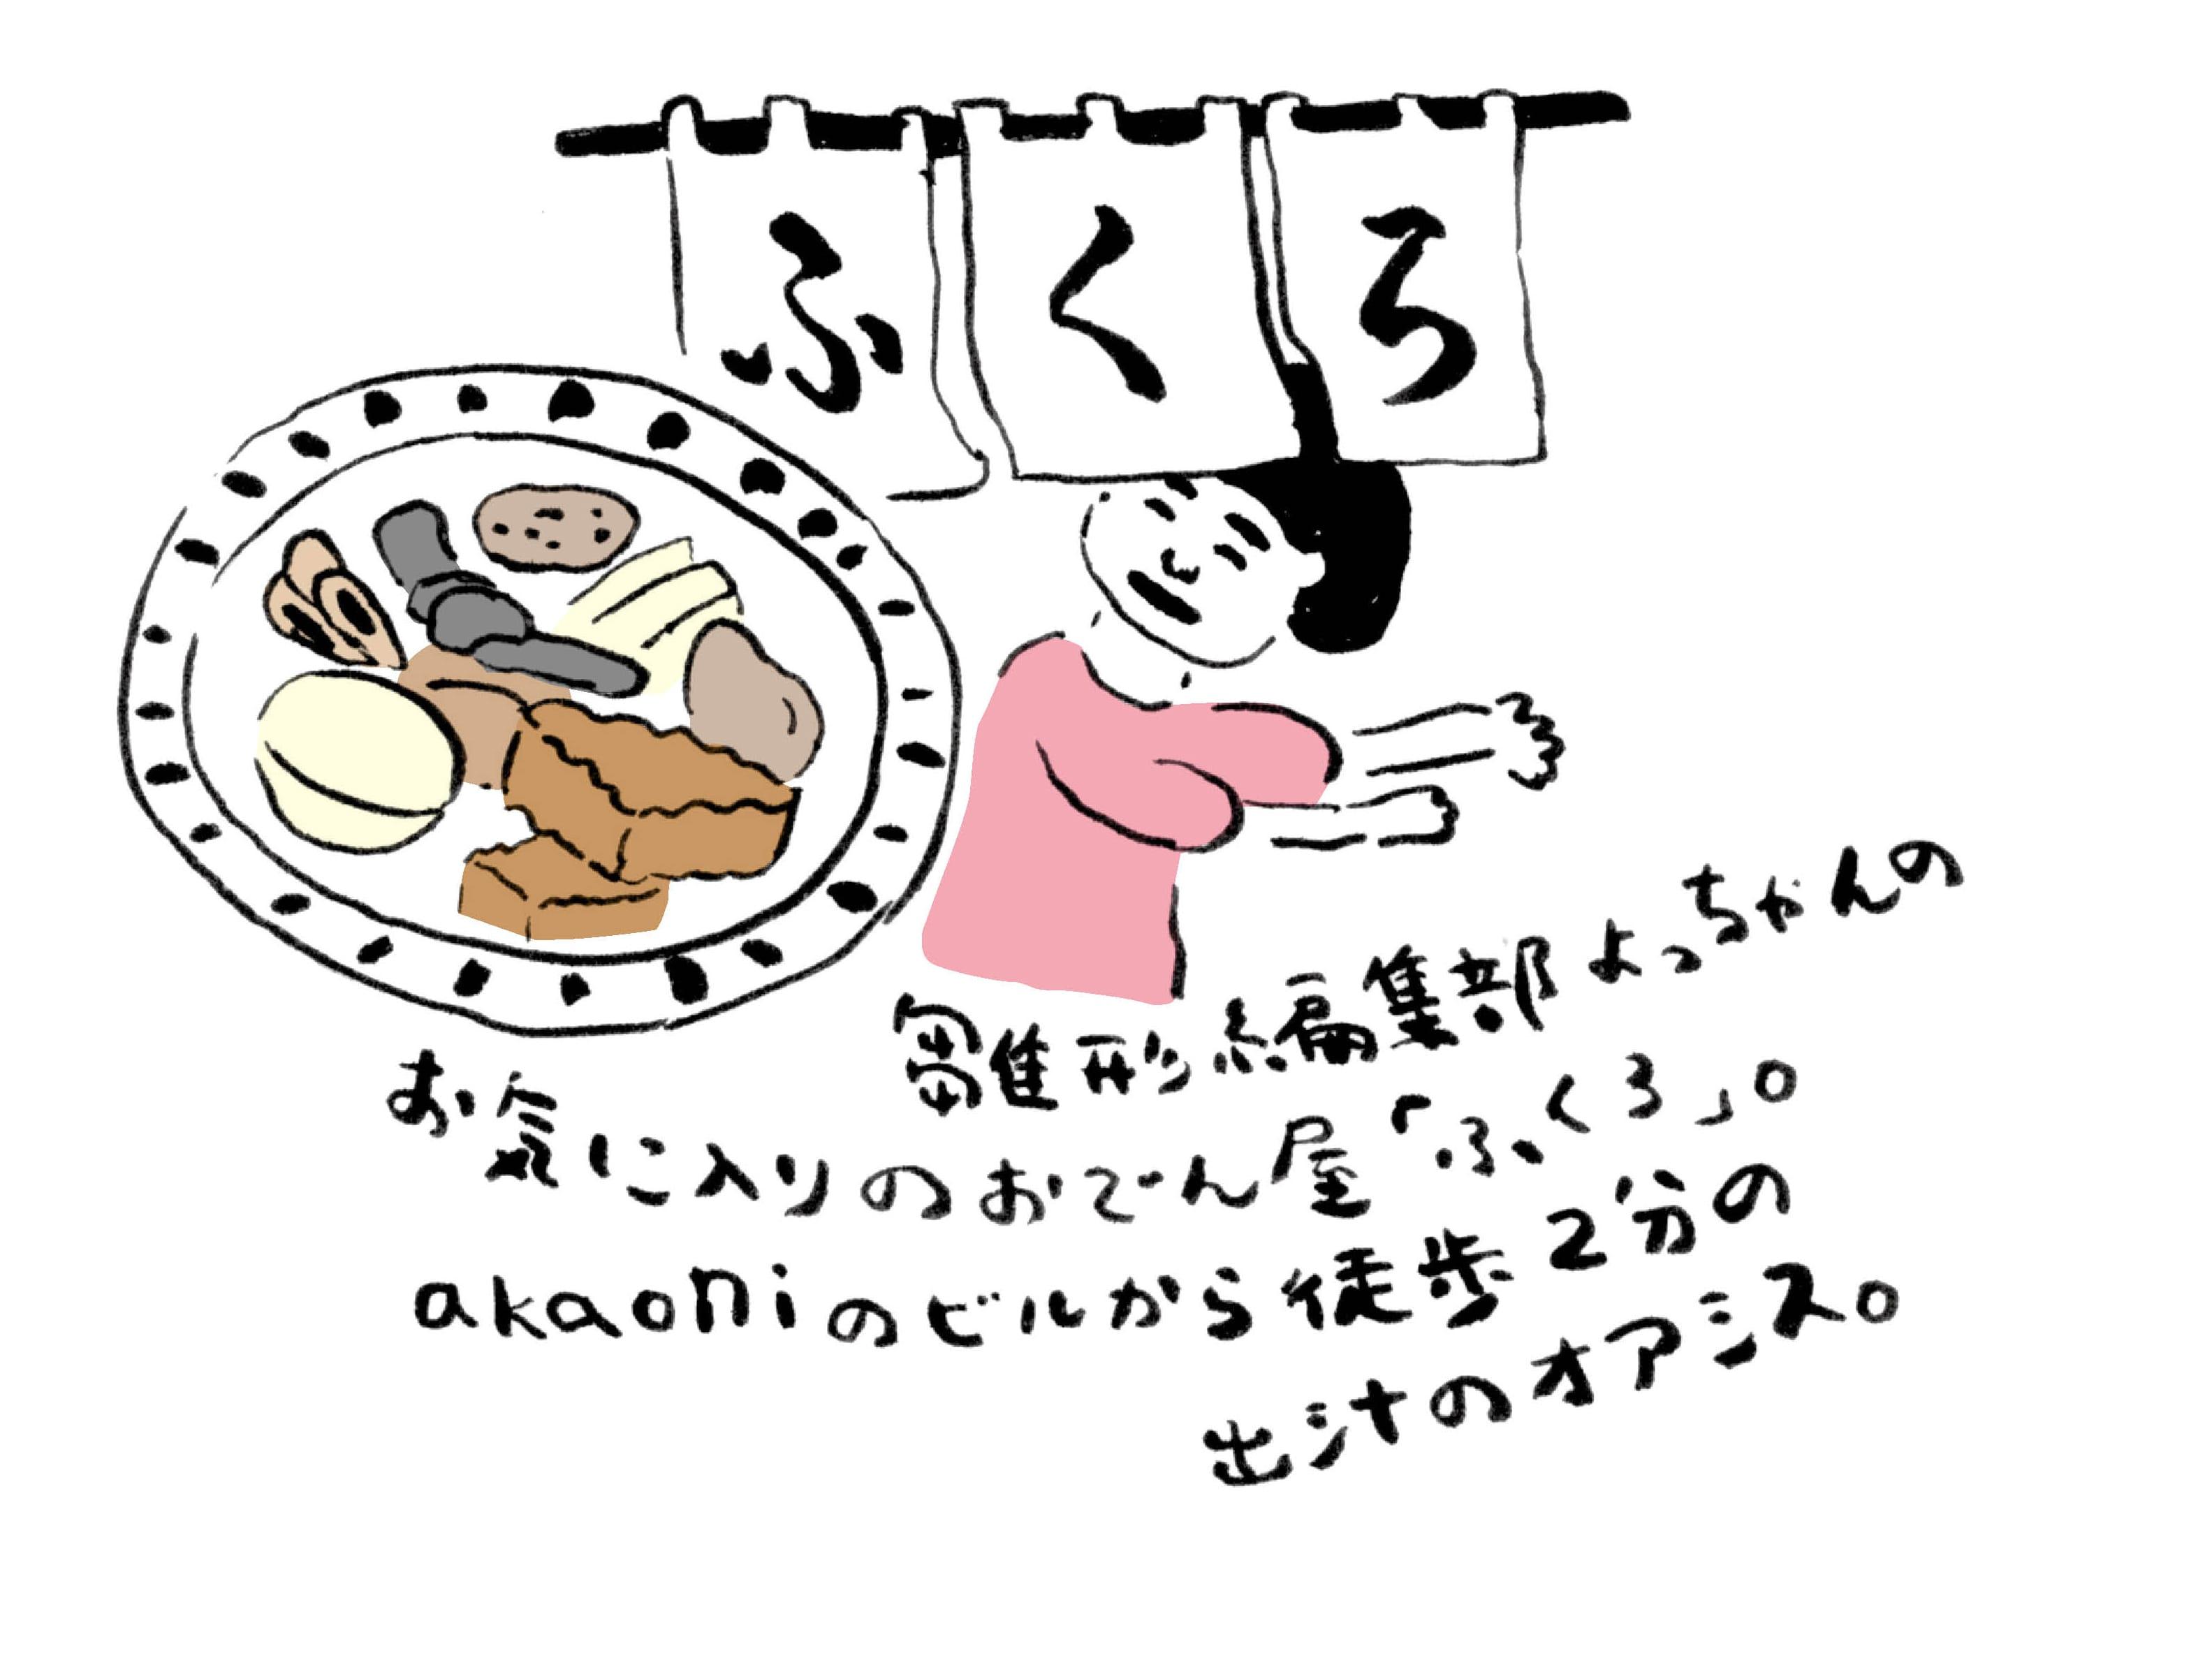 hinagata_yamagata_3-6